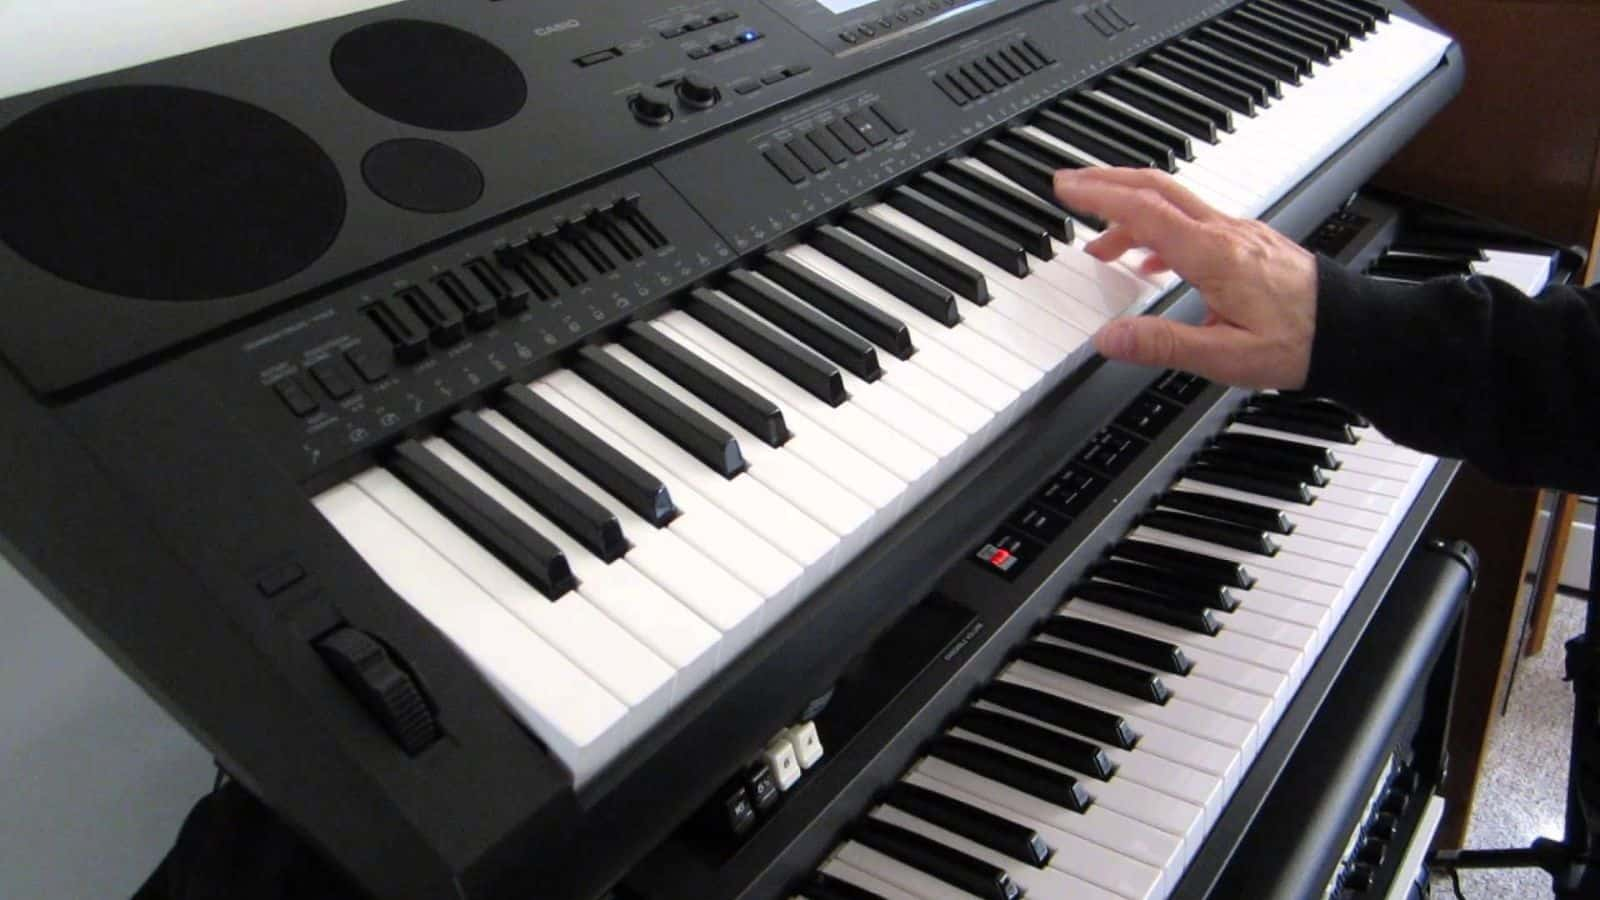 bàn phím piano và organ